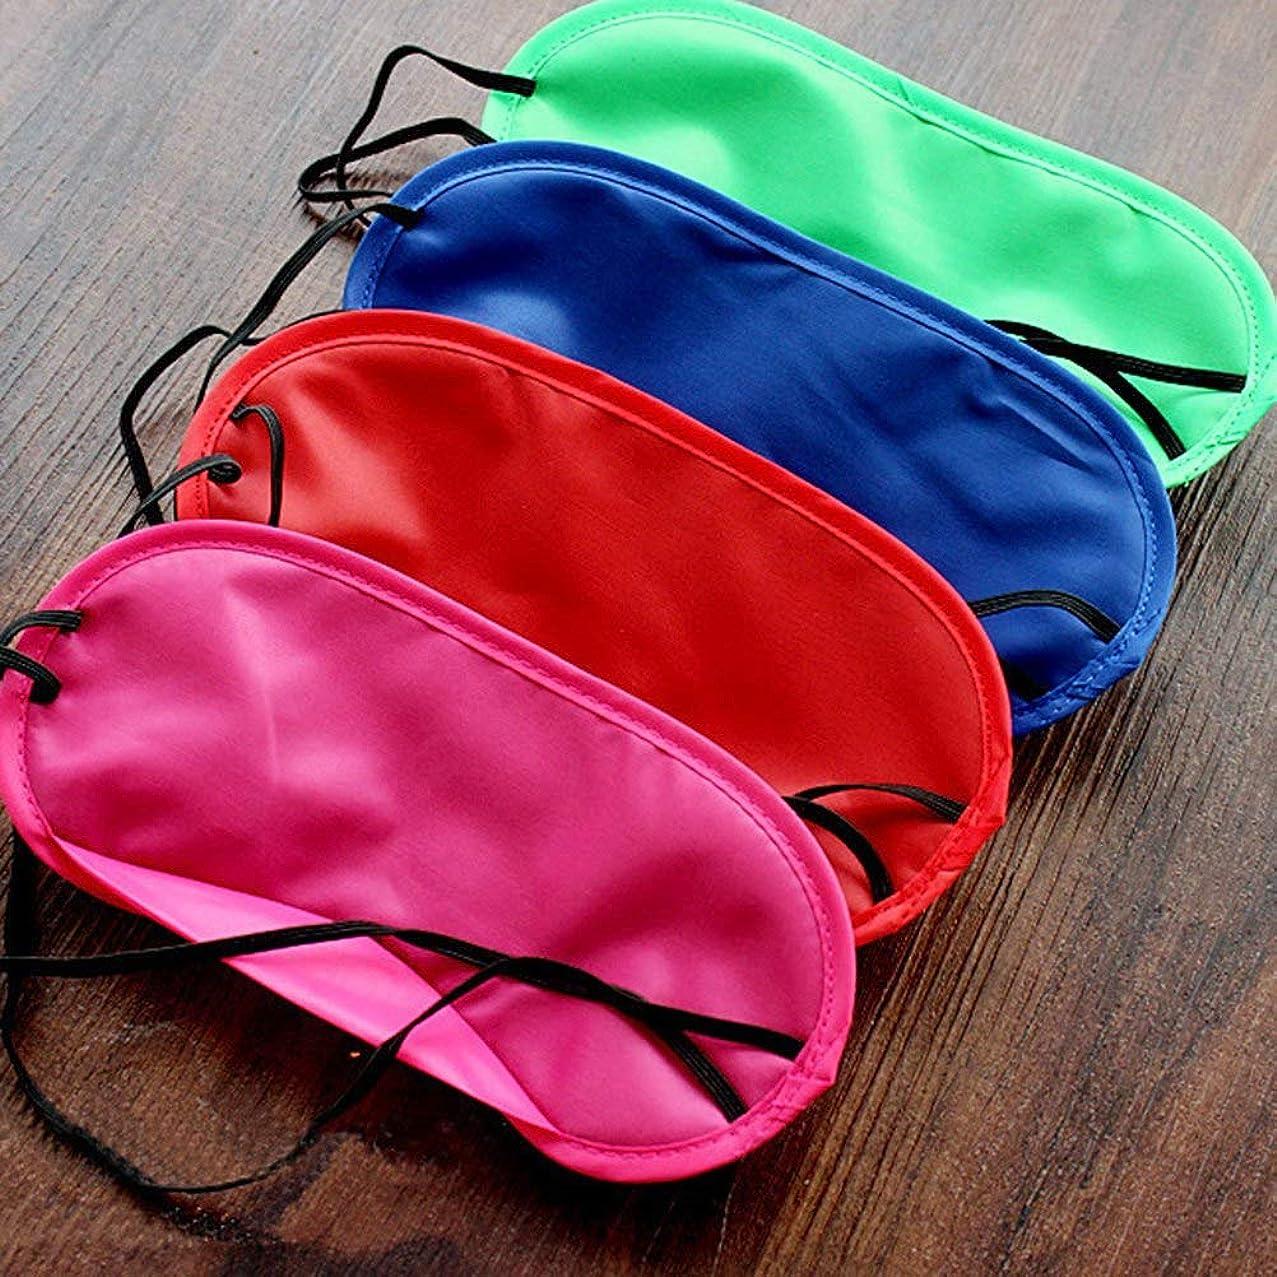 枯渇細菌彼らNOTE 12ピース多色アイマスクカバー軽量アイシェード目隠し睡眠マスク弾性ストラップ用キッズ女性男性